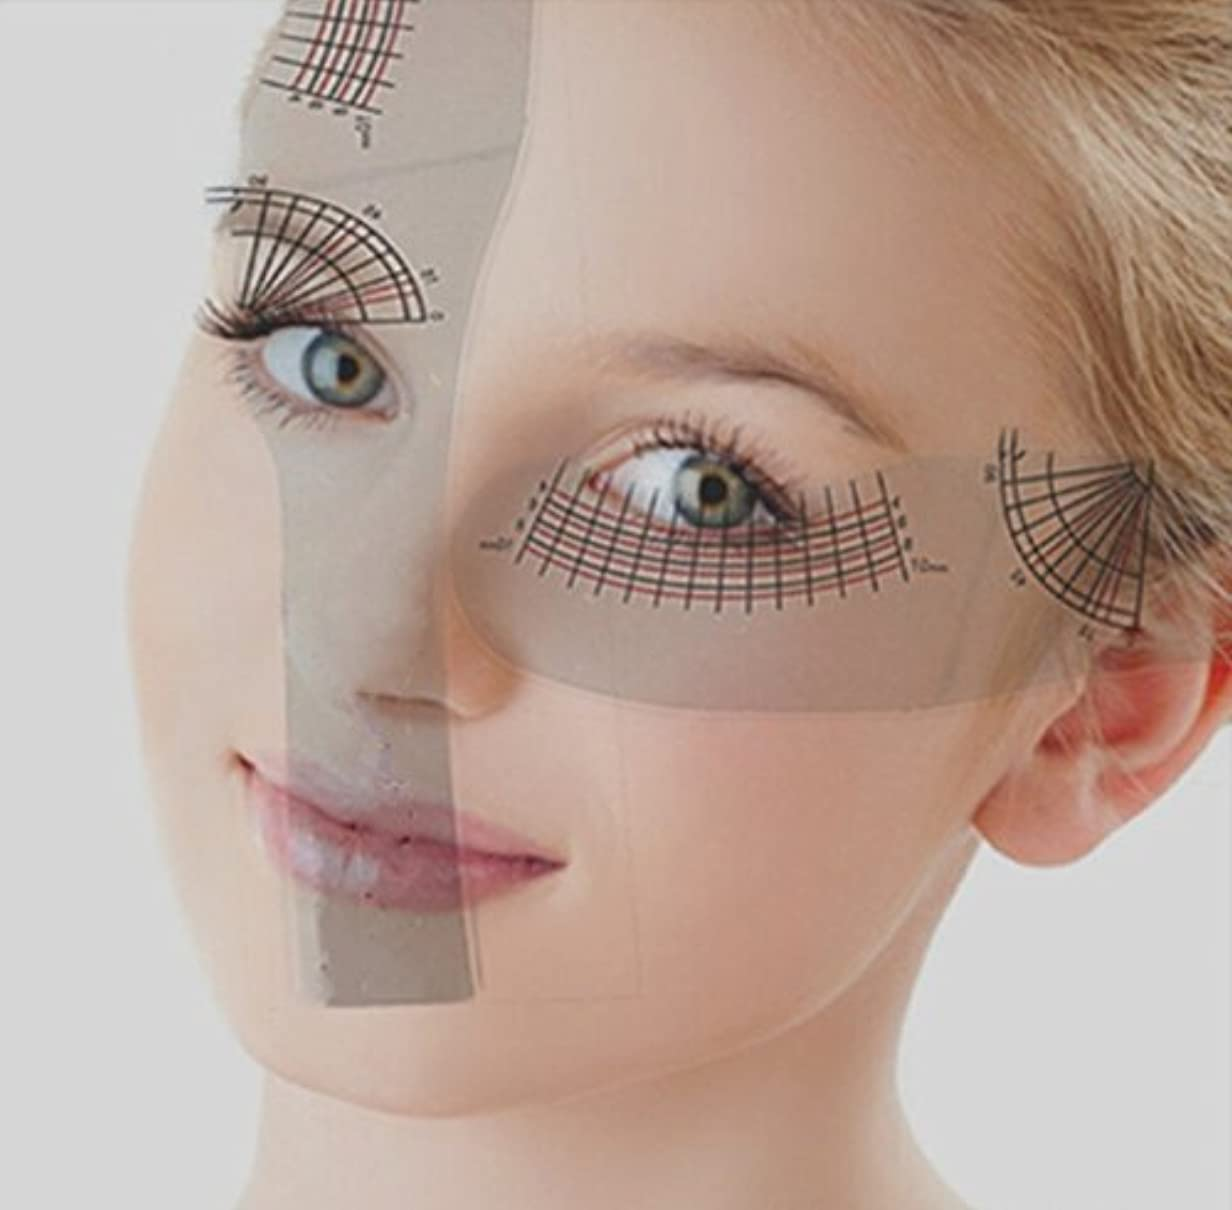 振幅玉電信CHENGYIDA 5個 クリア プラスチック製 アイラッシュ  つげまつげ カール 長さ 測定 定規 実用的なツール 定規 見やすい方眼定規